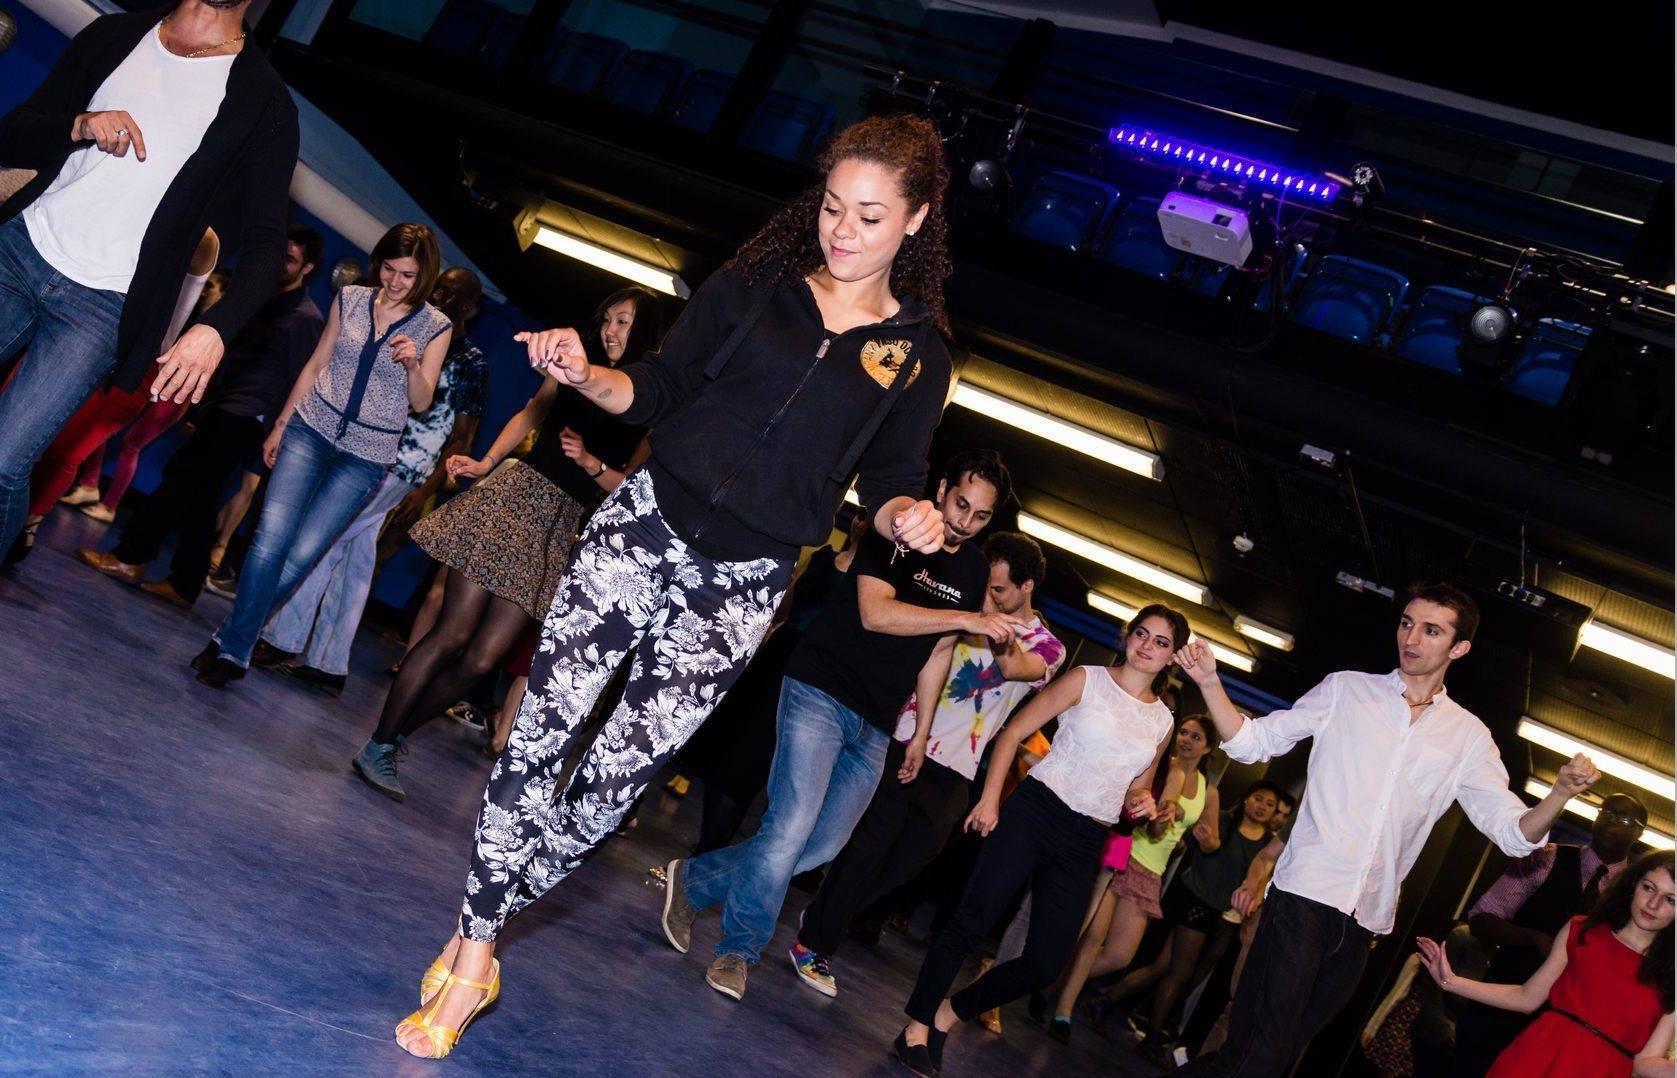 UCL Salsa Class London